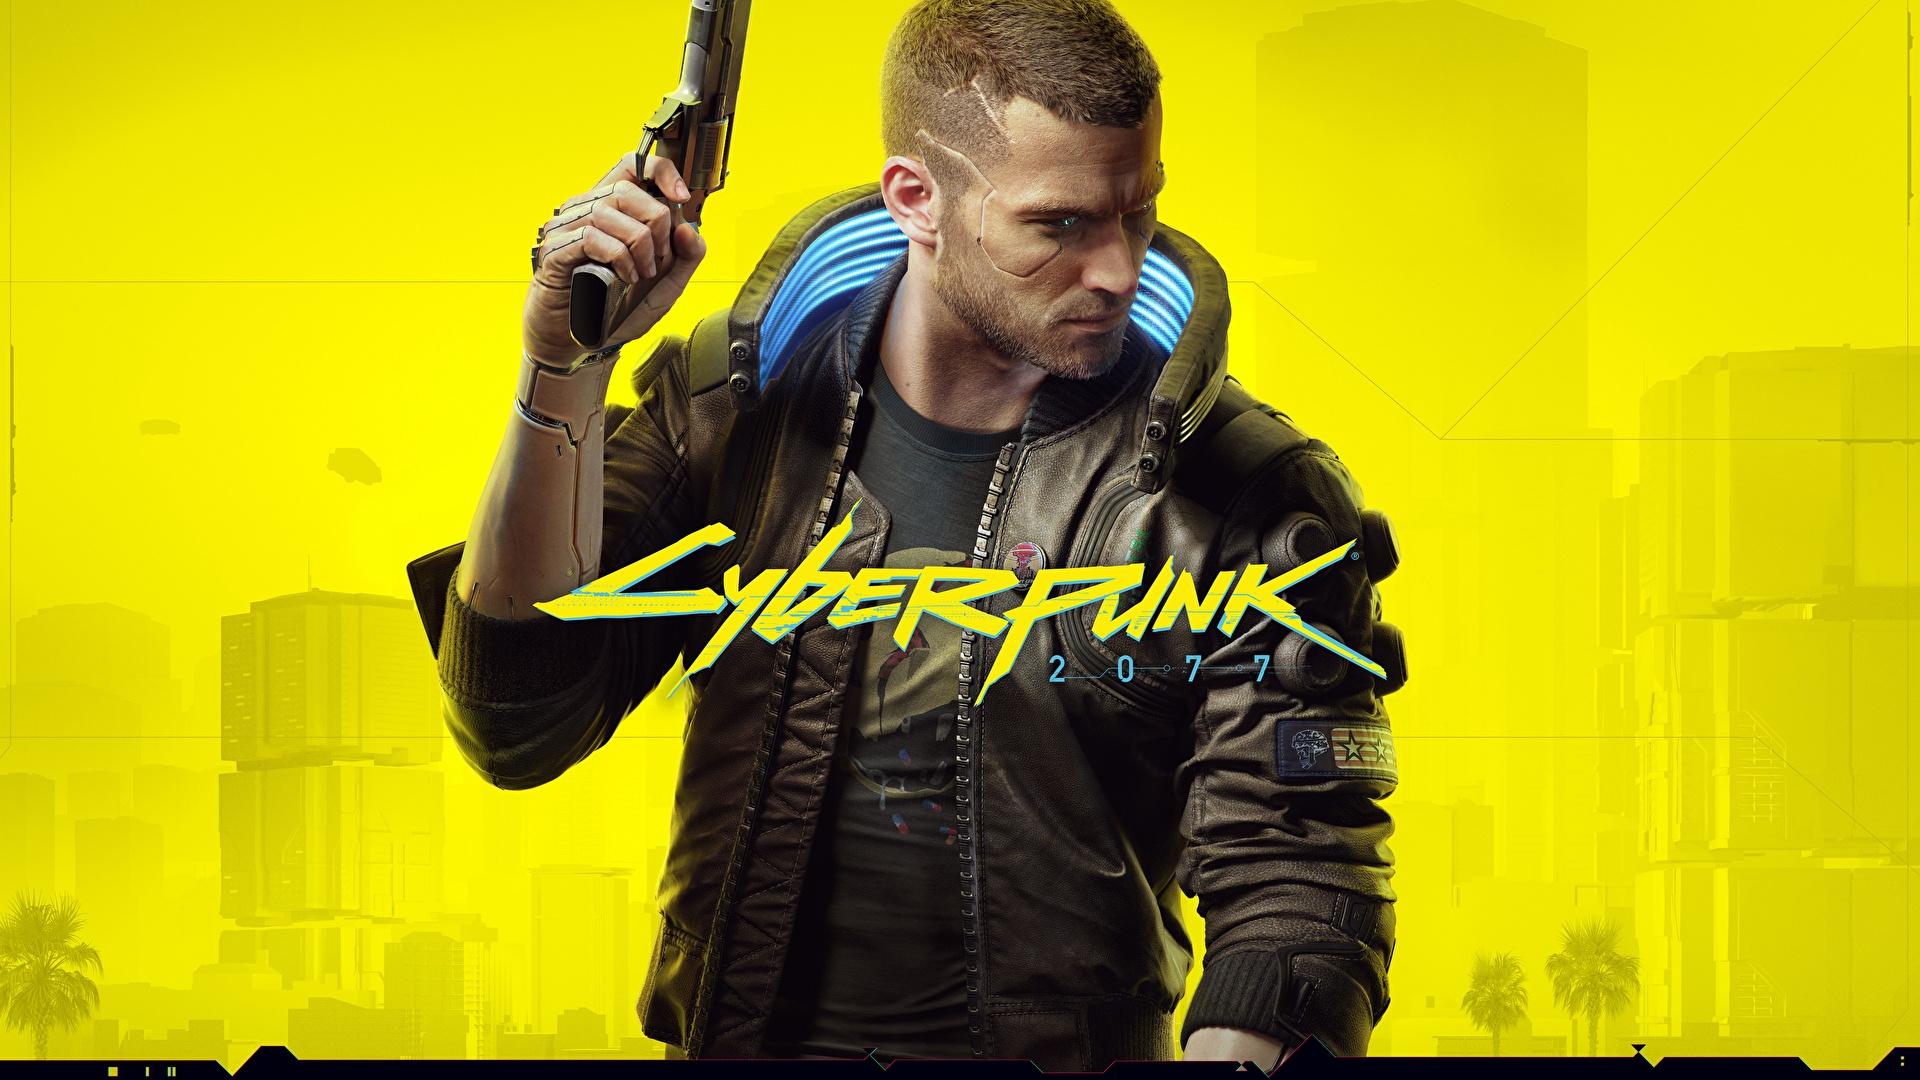 Vale lembrar que nada disso foi confirmado pela CD Projekt, produtora de Cyberpunk 2077, então temos ainda de esperar um anúncio oficial.